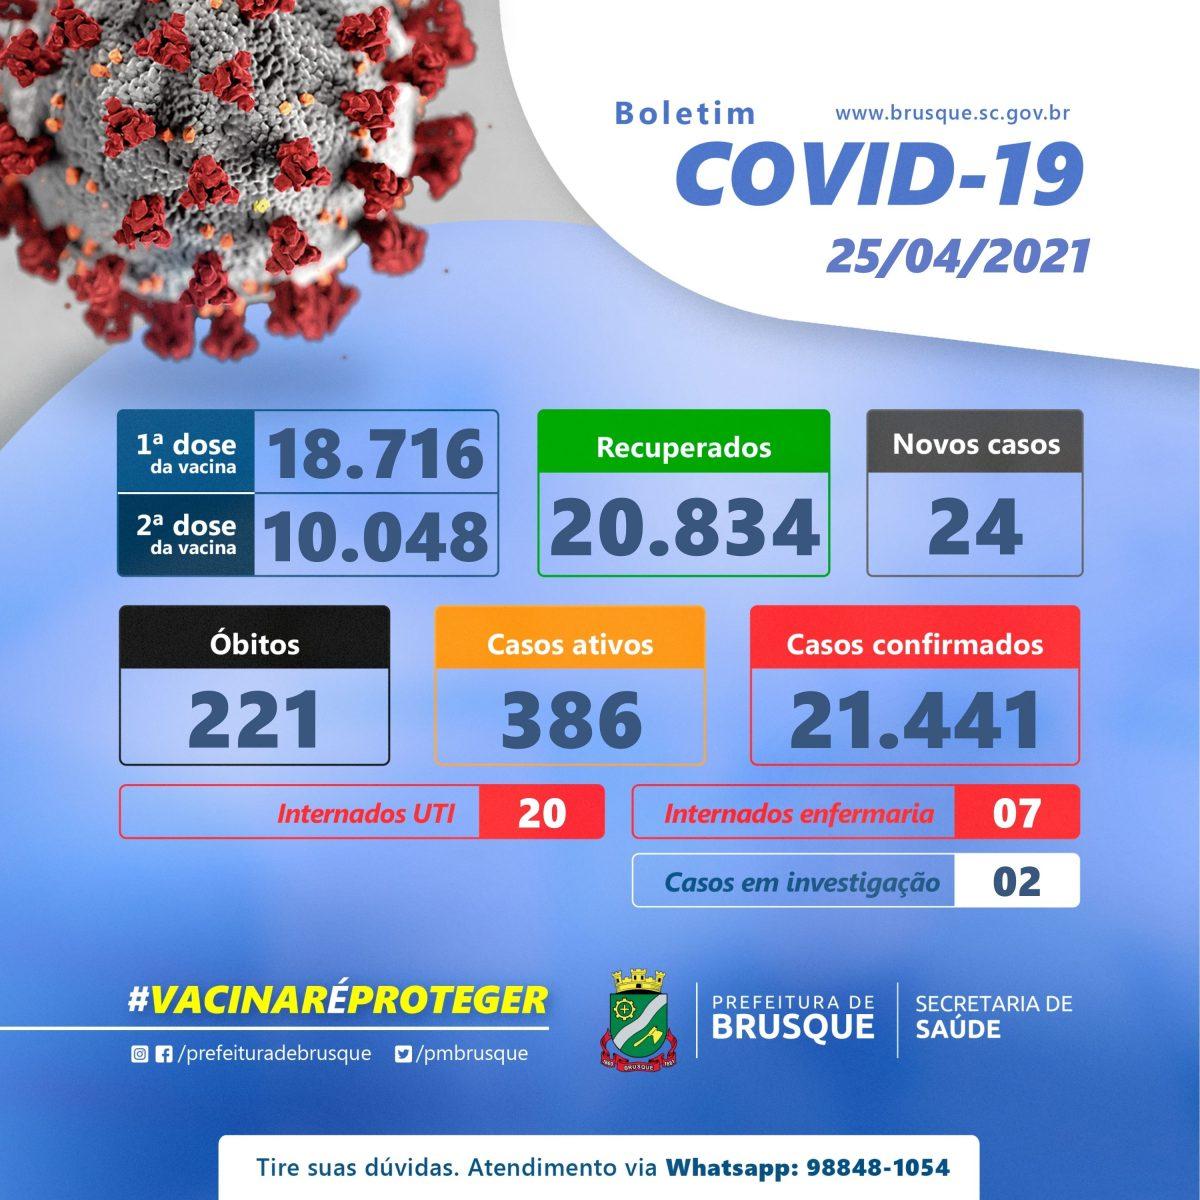 Covid-19: Confira o boletim epidemiológico deste domingo (25)